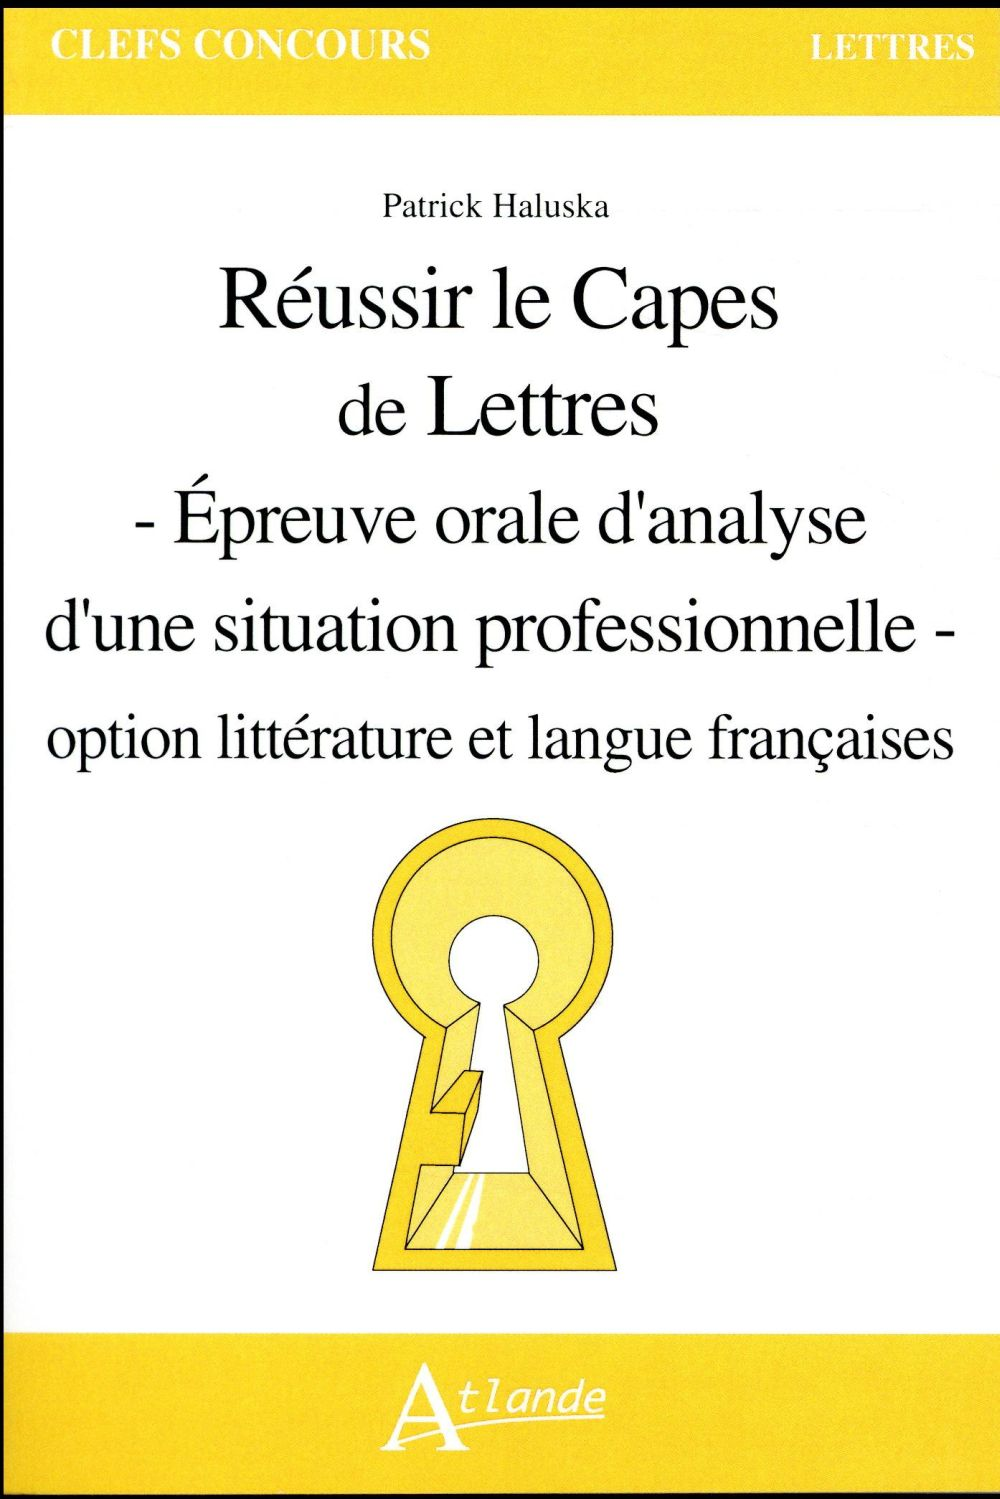 REUSSIR LE CAPES DE LETTRES - EPR. ORAL.ANAL.SIT.PROF. 2017